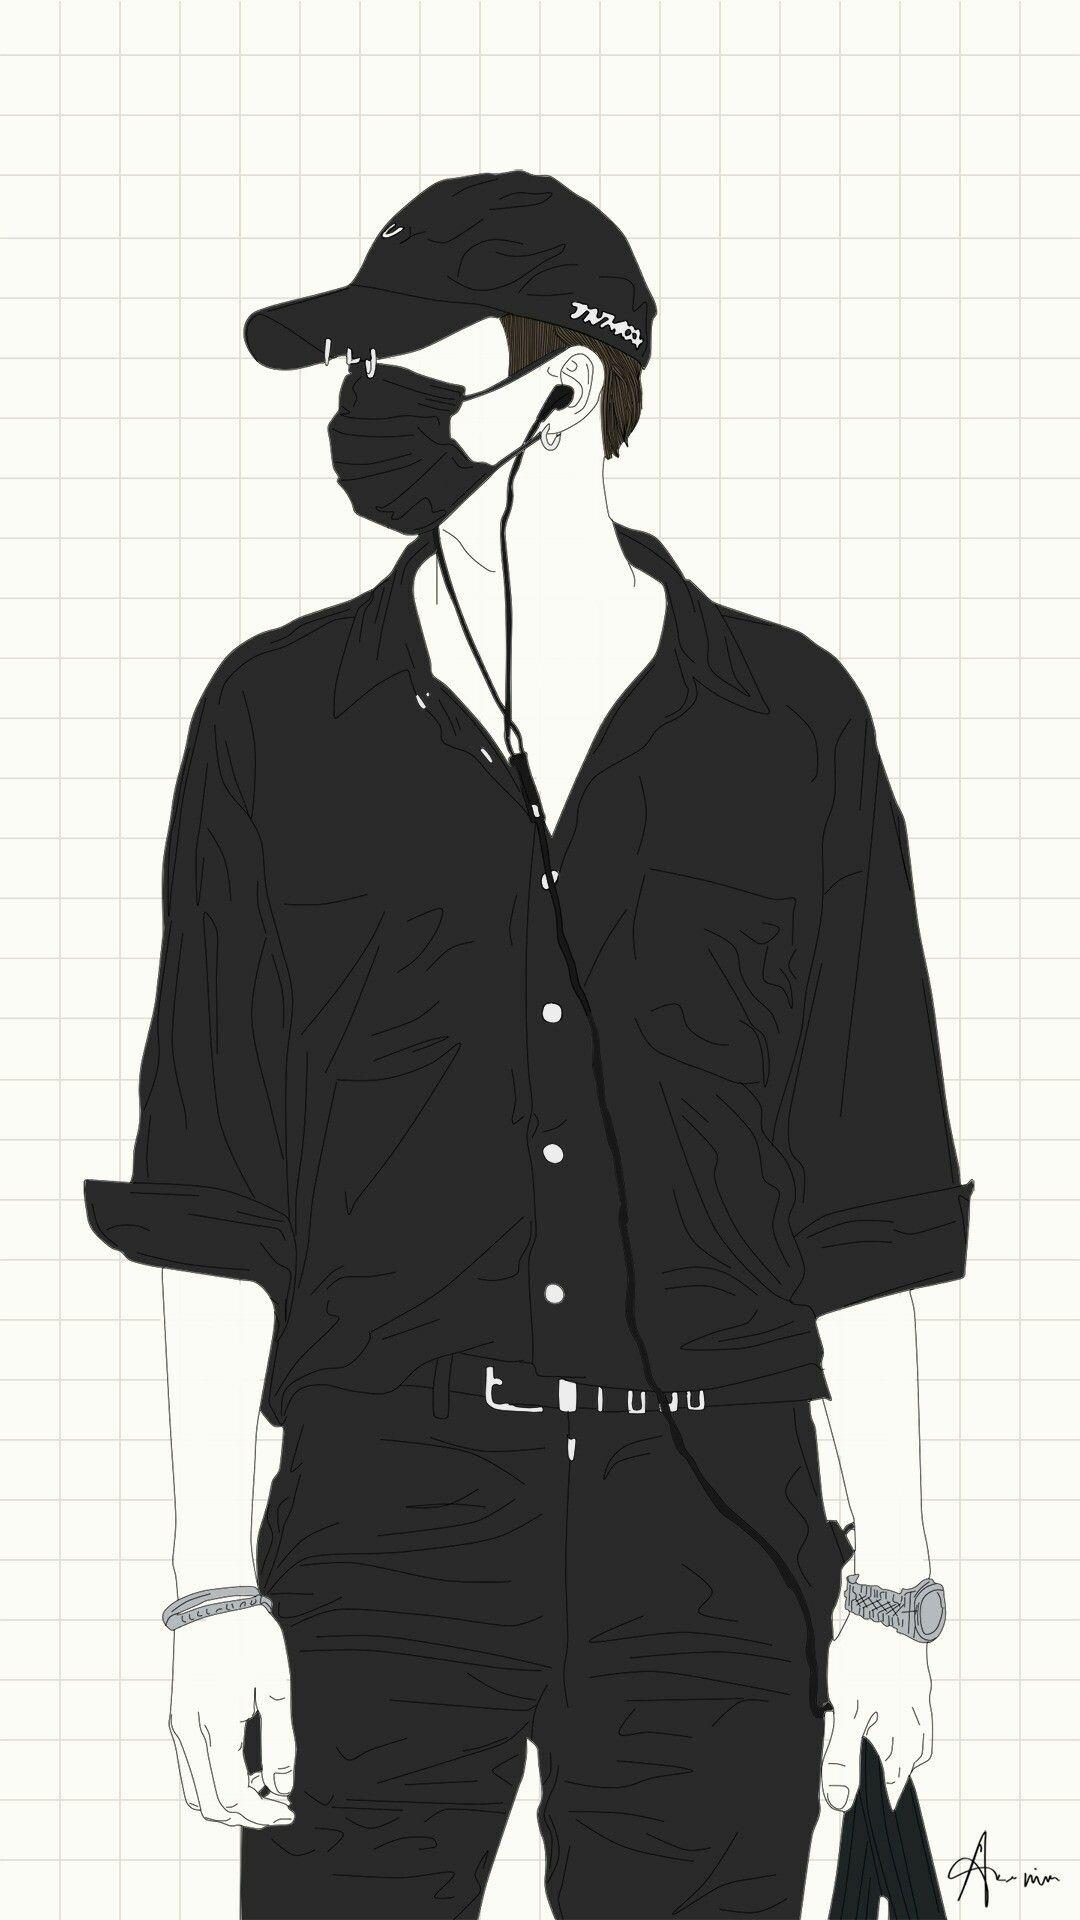 Wallpaper Bts Drawings Pencil Kpop Fanart Fans